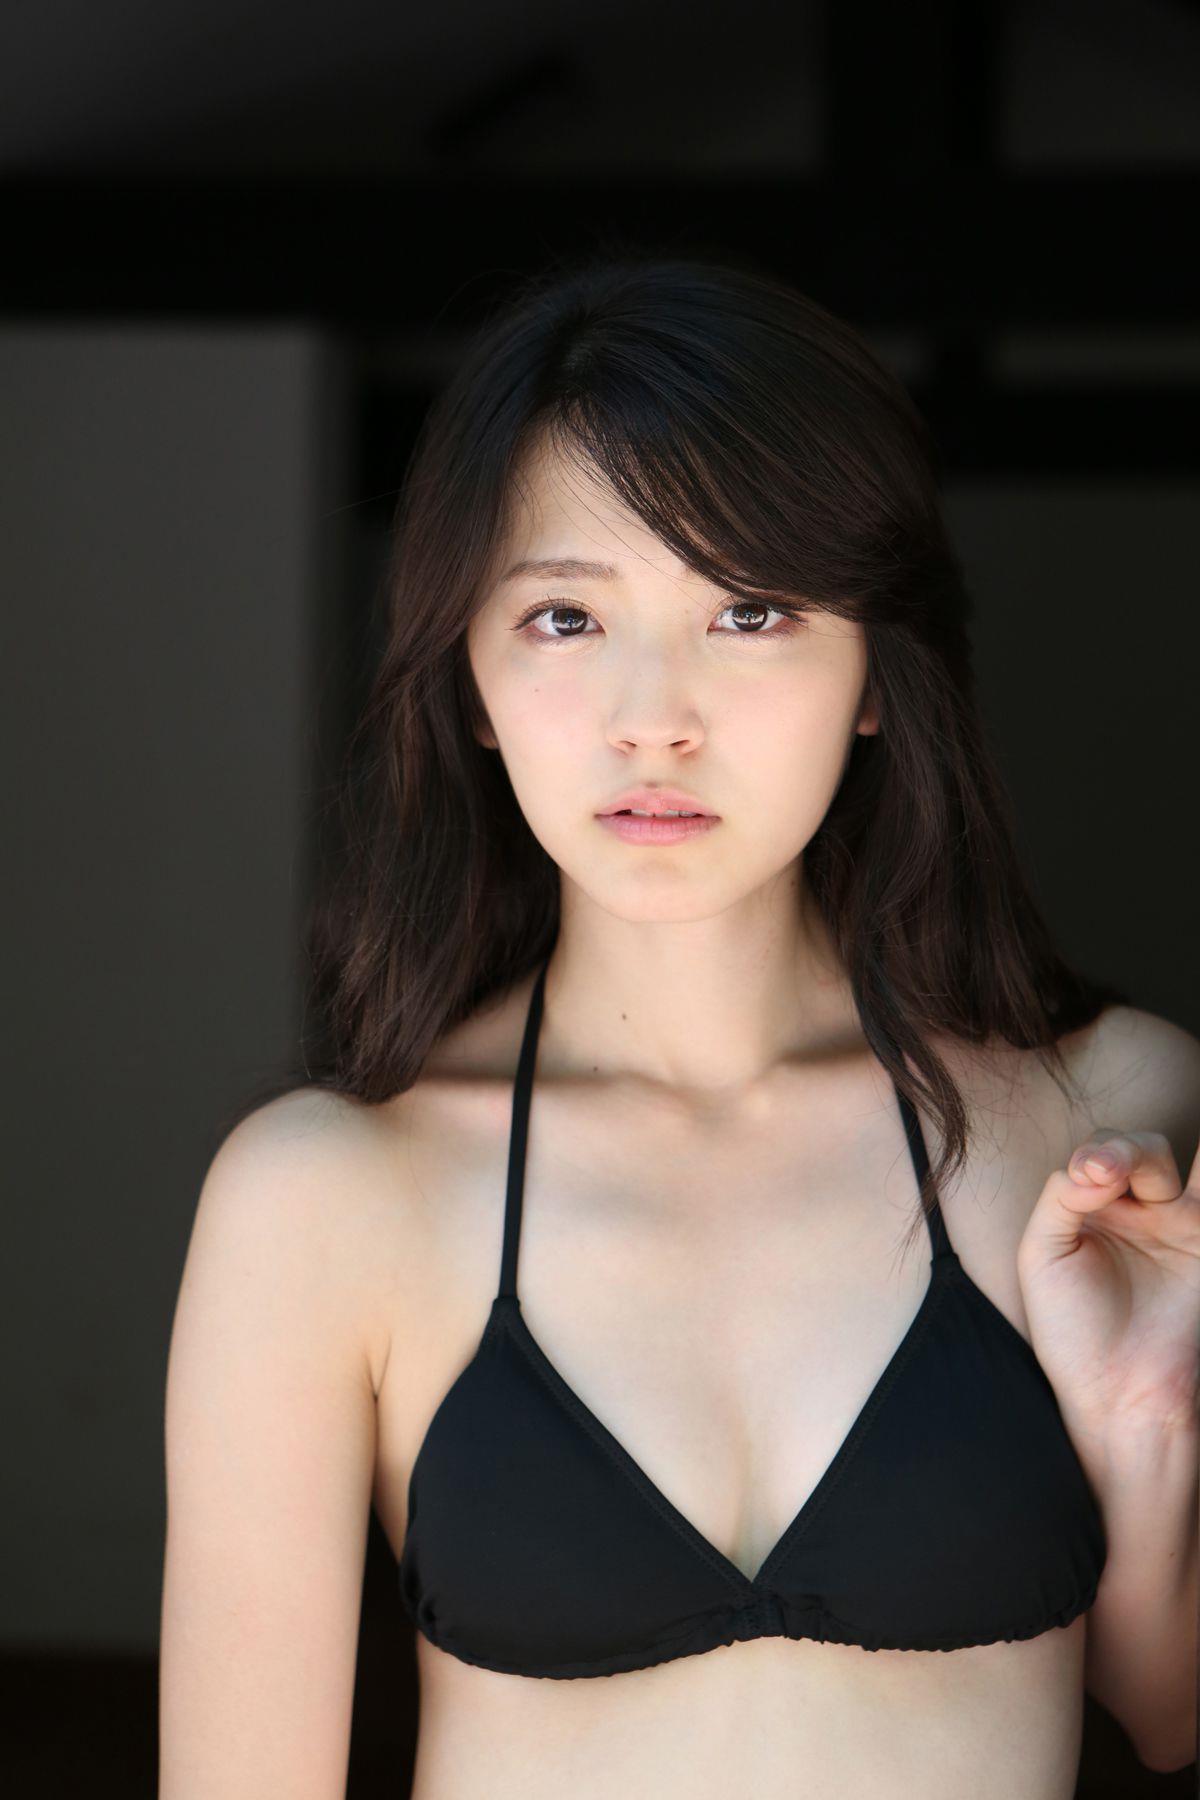 鈴木愛理(℃-ute) 画像 79